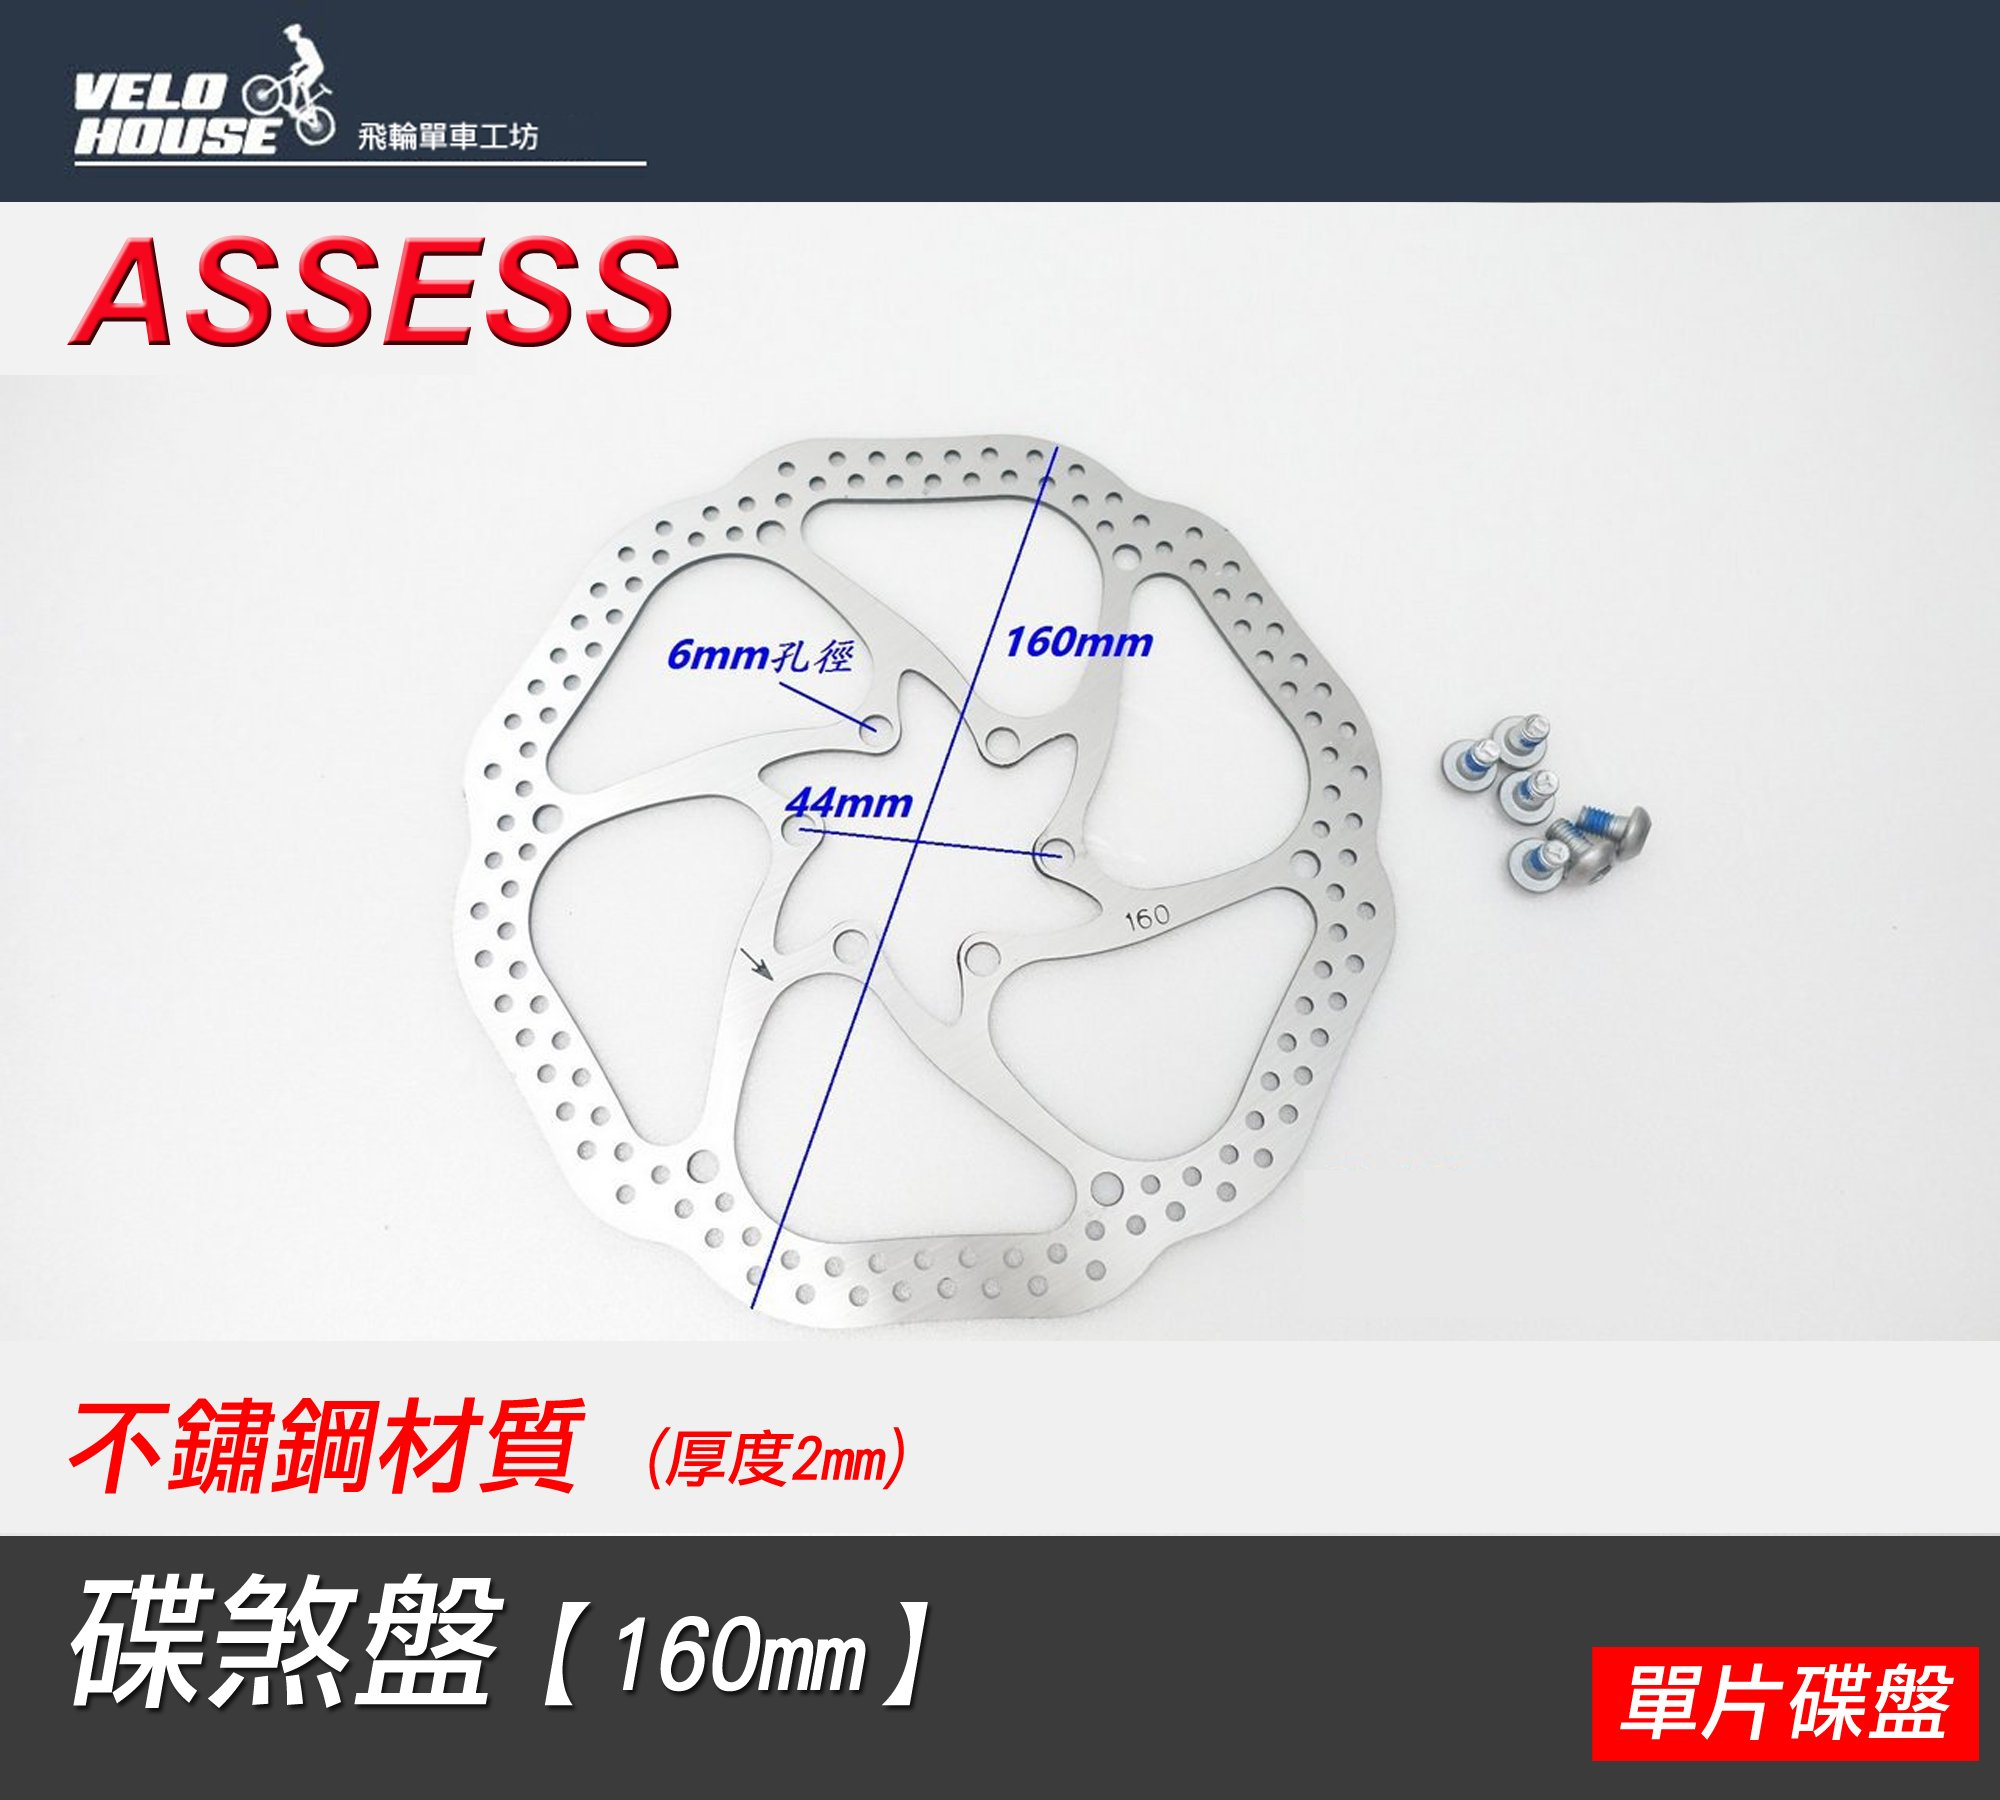 【飛輪單車】ASSESS 碟煞用碟煞盤 碟盤 碟片【160mm】單片裝 附螺絲[05205903]